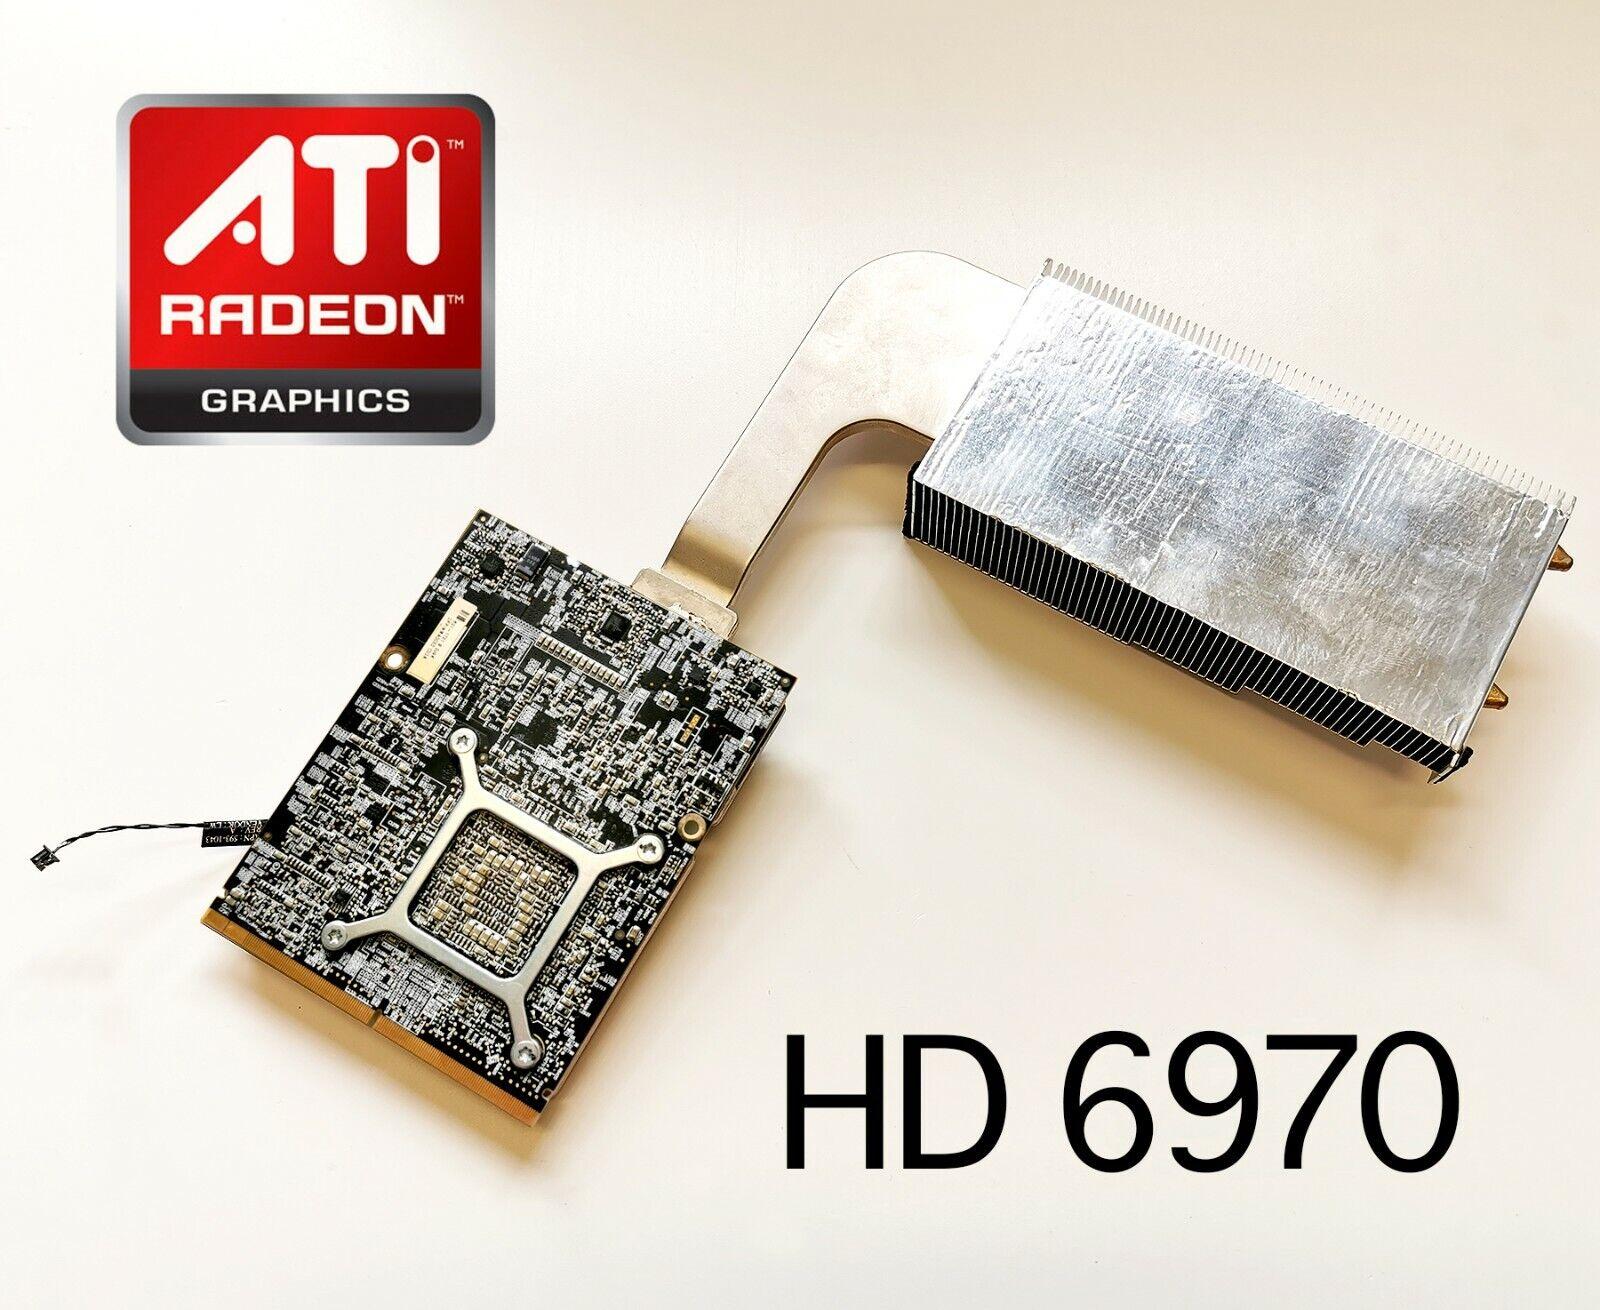 ATI Radeon HD 6970 1GB graphics card for Apple iMac 27